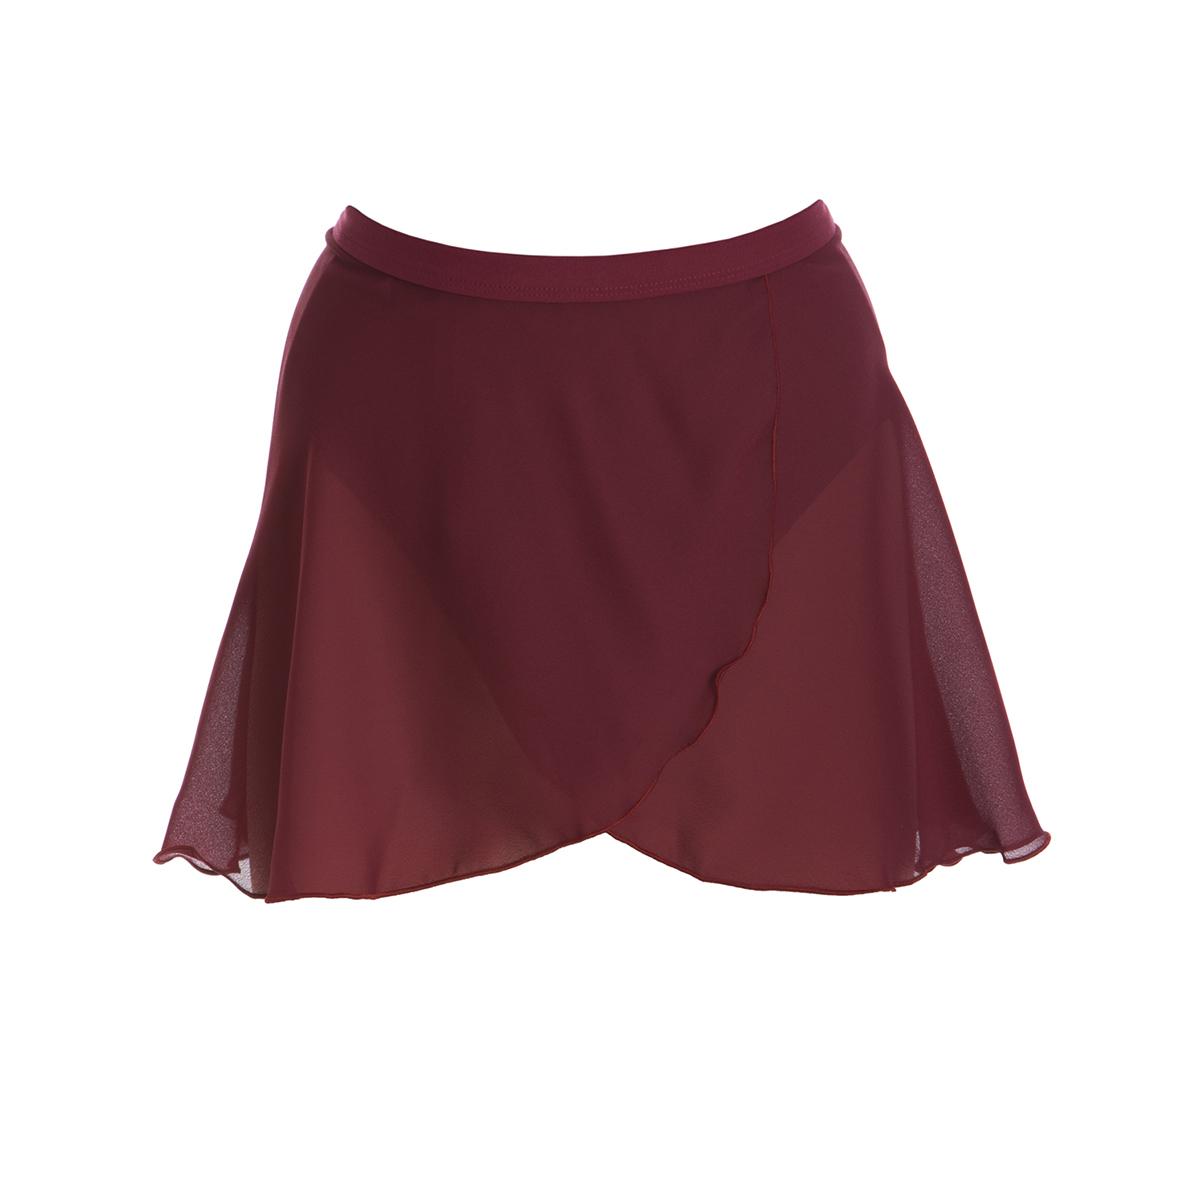 Wrap Skirt - Burgundy